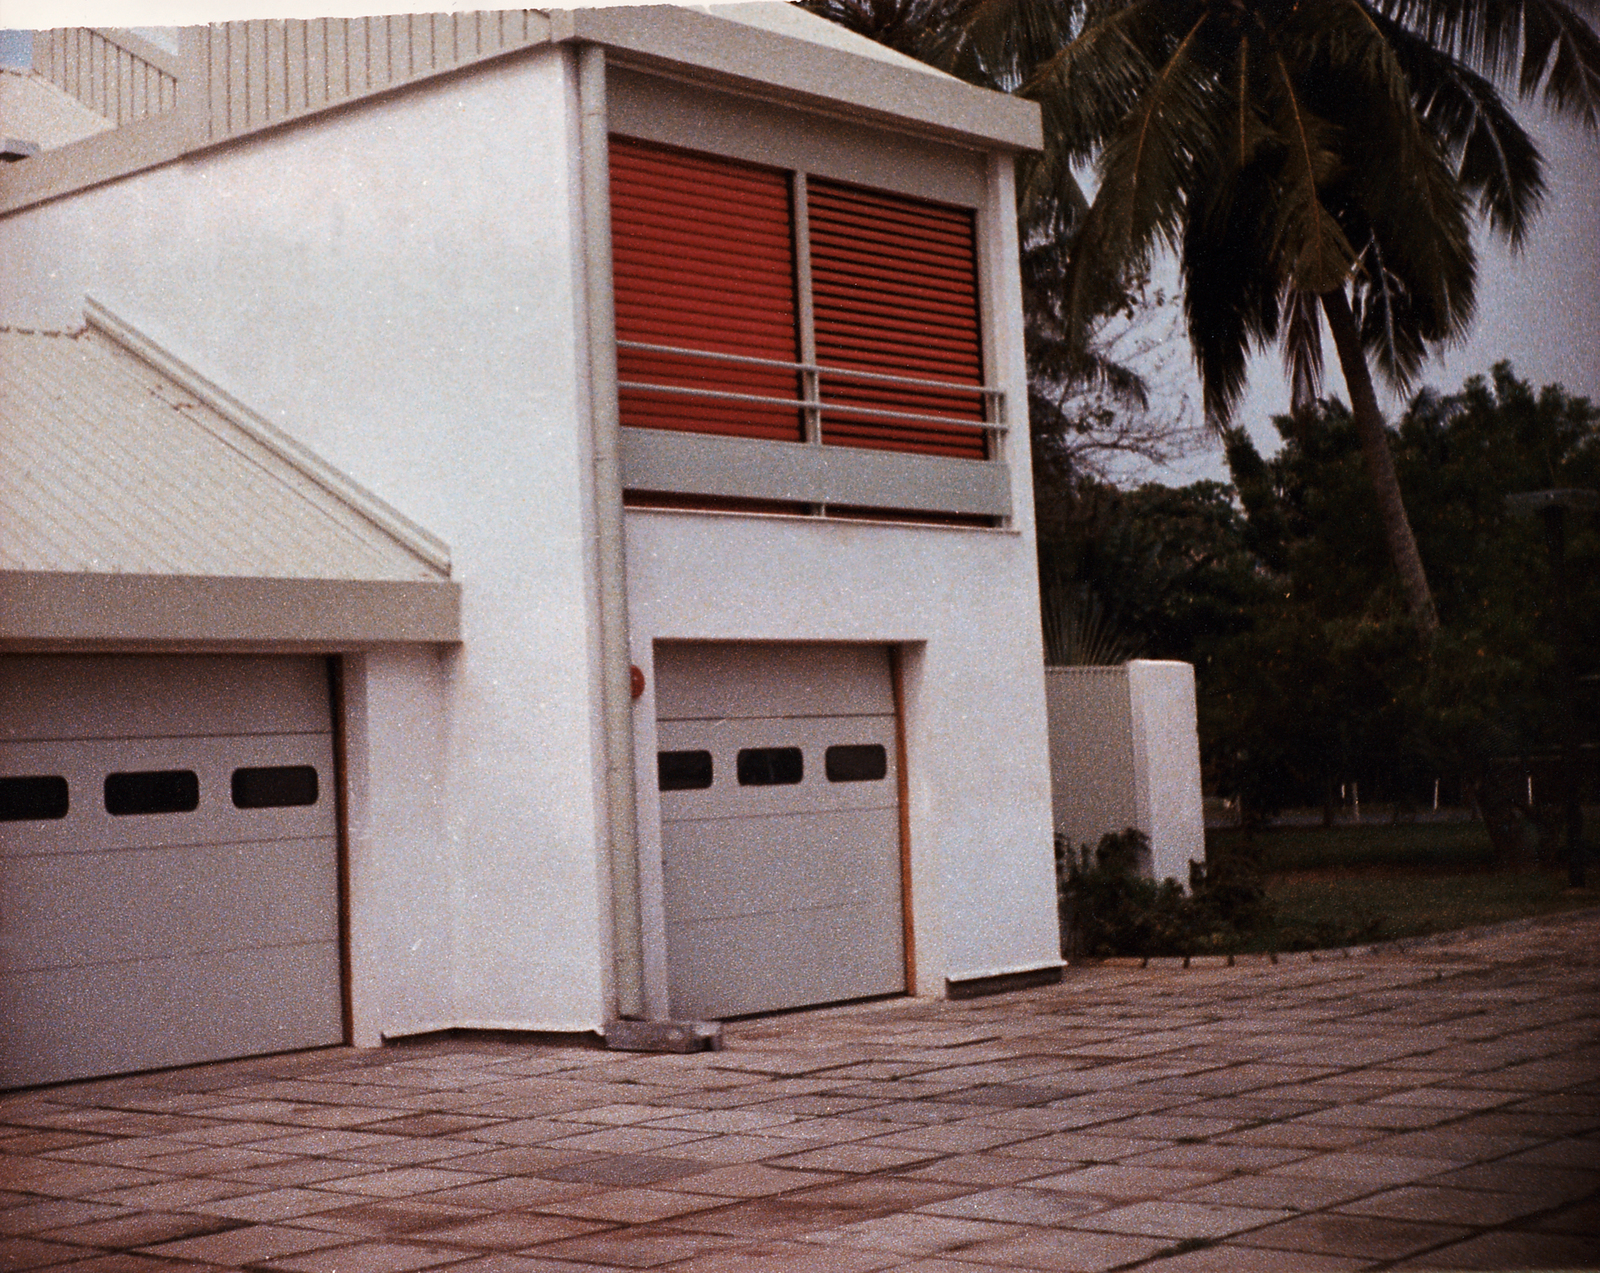 Lagos - Multi-Unit Residential Building - 1985